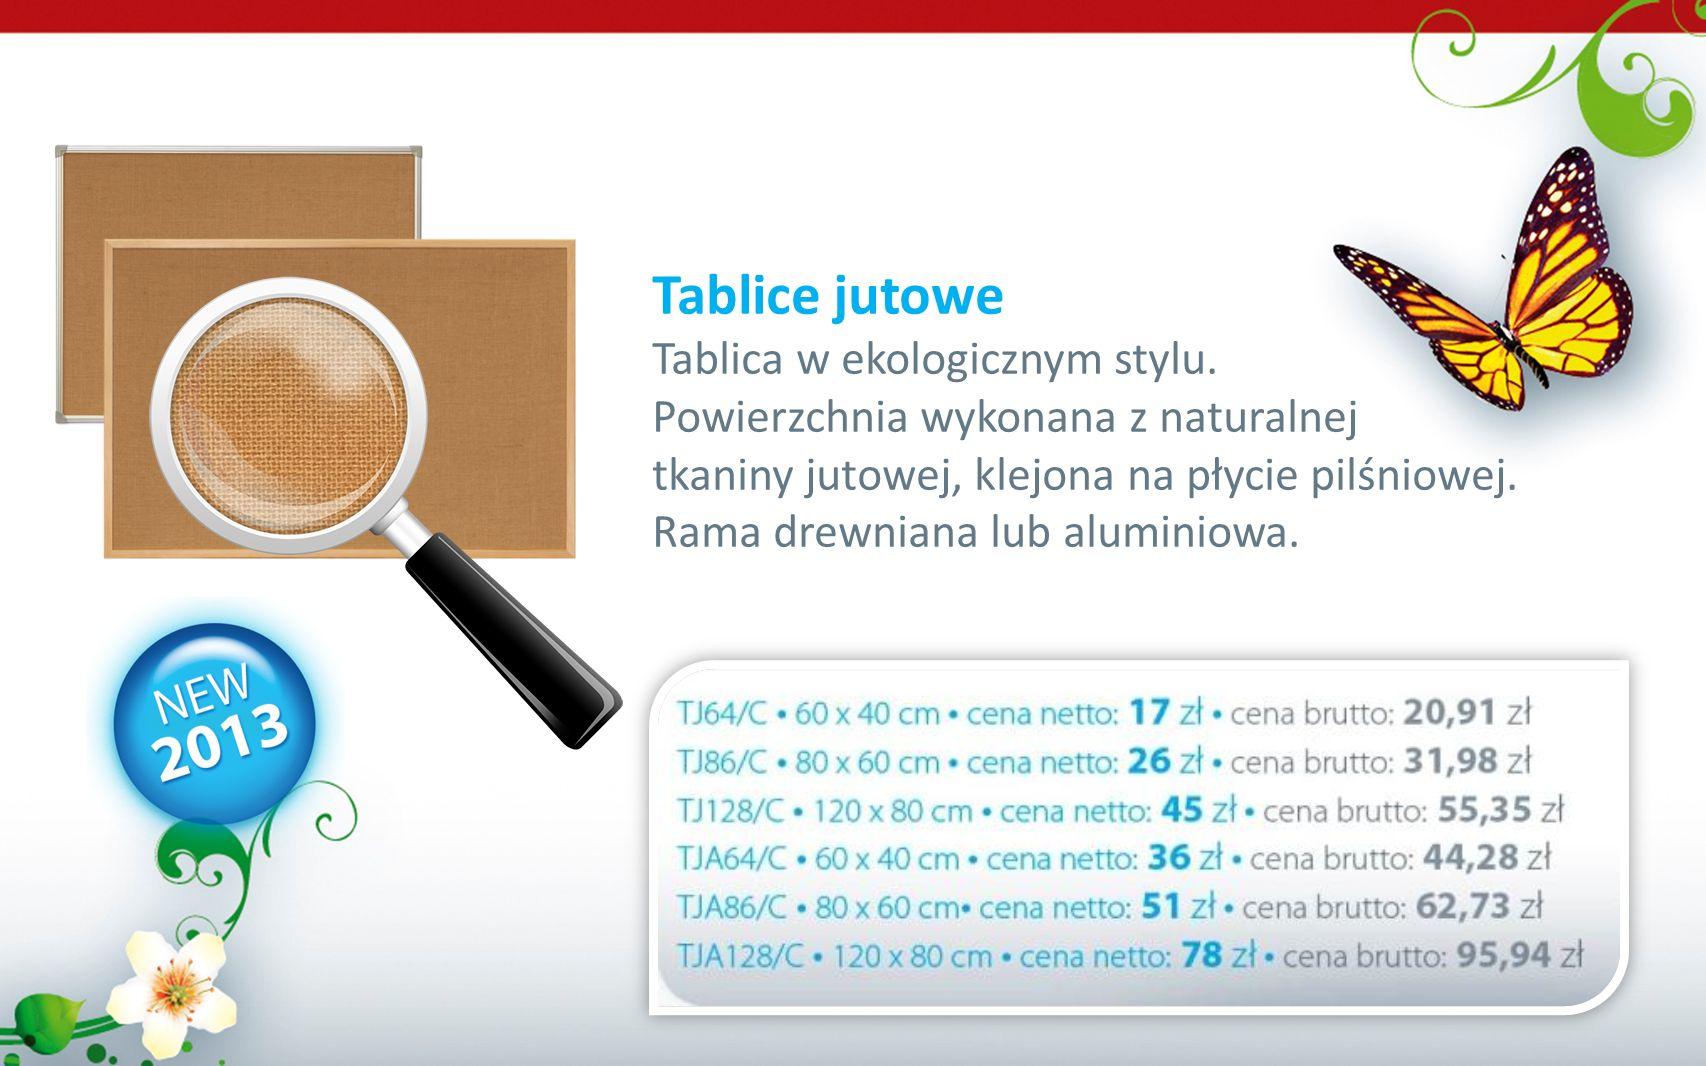 Tablice jutowe Tablica w ekologicznym stylu.